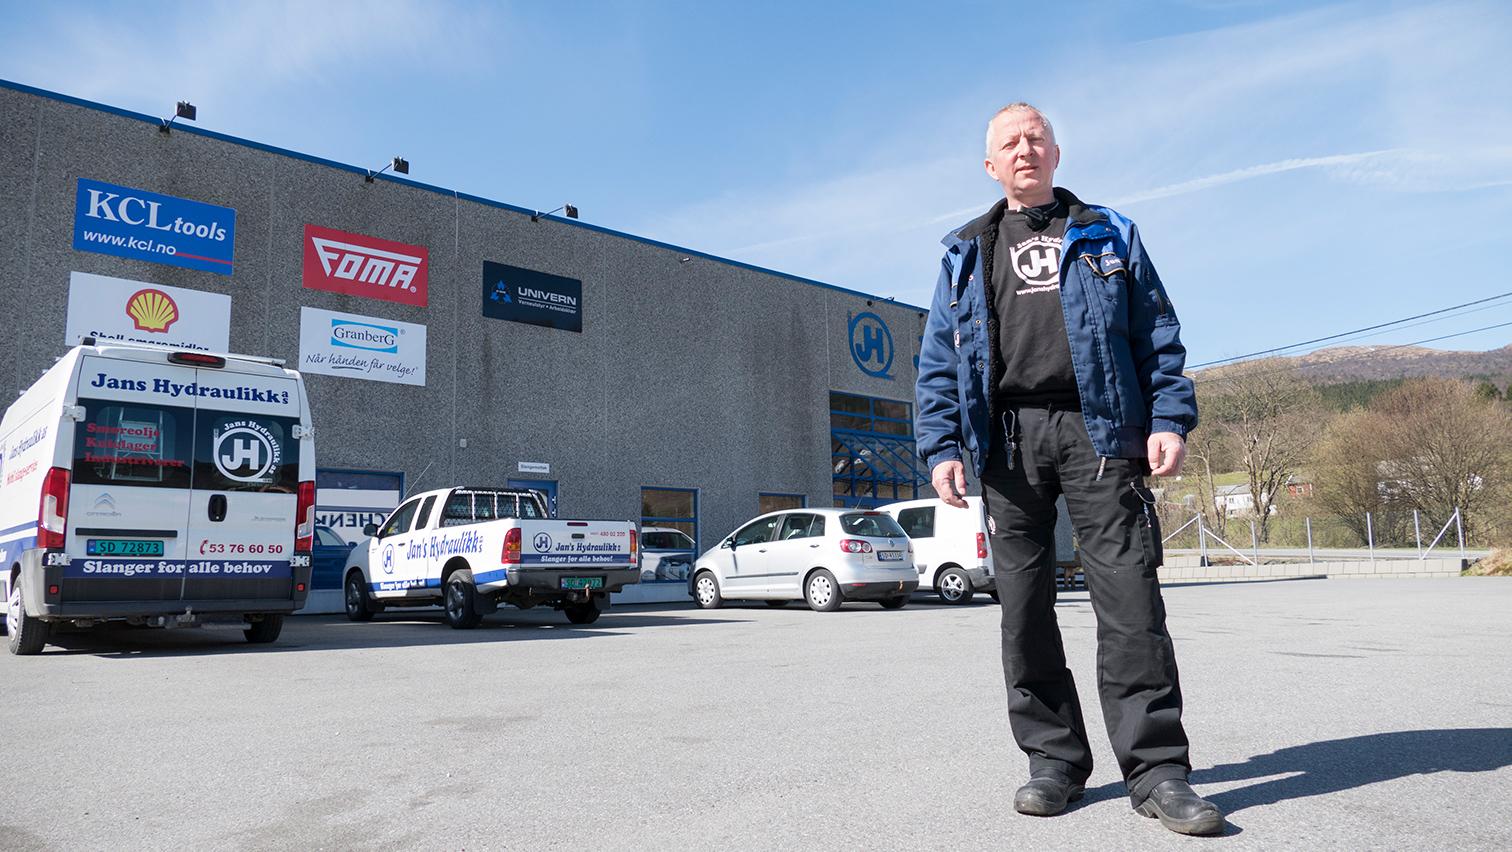 Bilete av Jan Hegerland foran Jans Hydraulikk butikk.